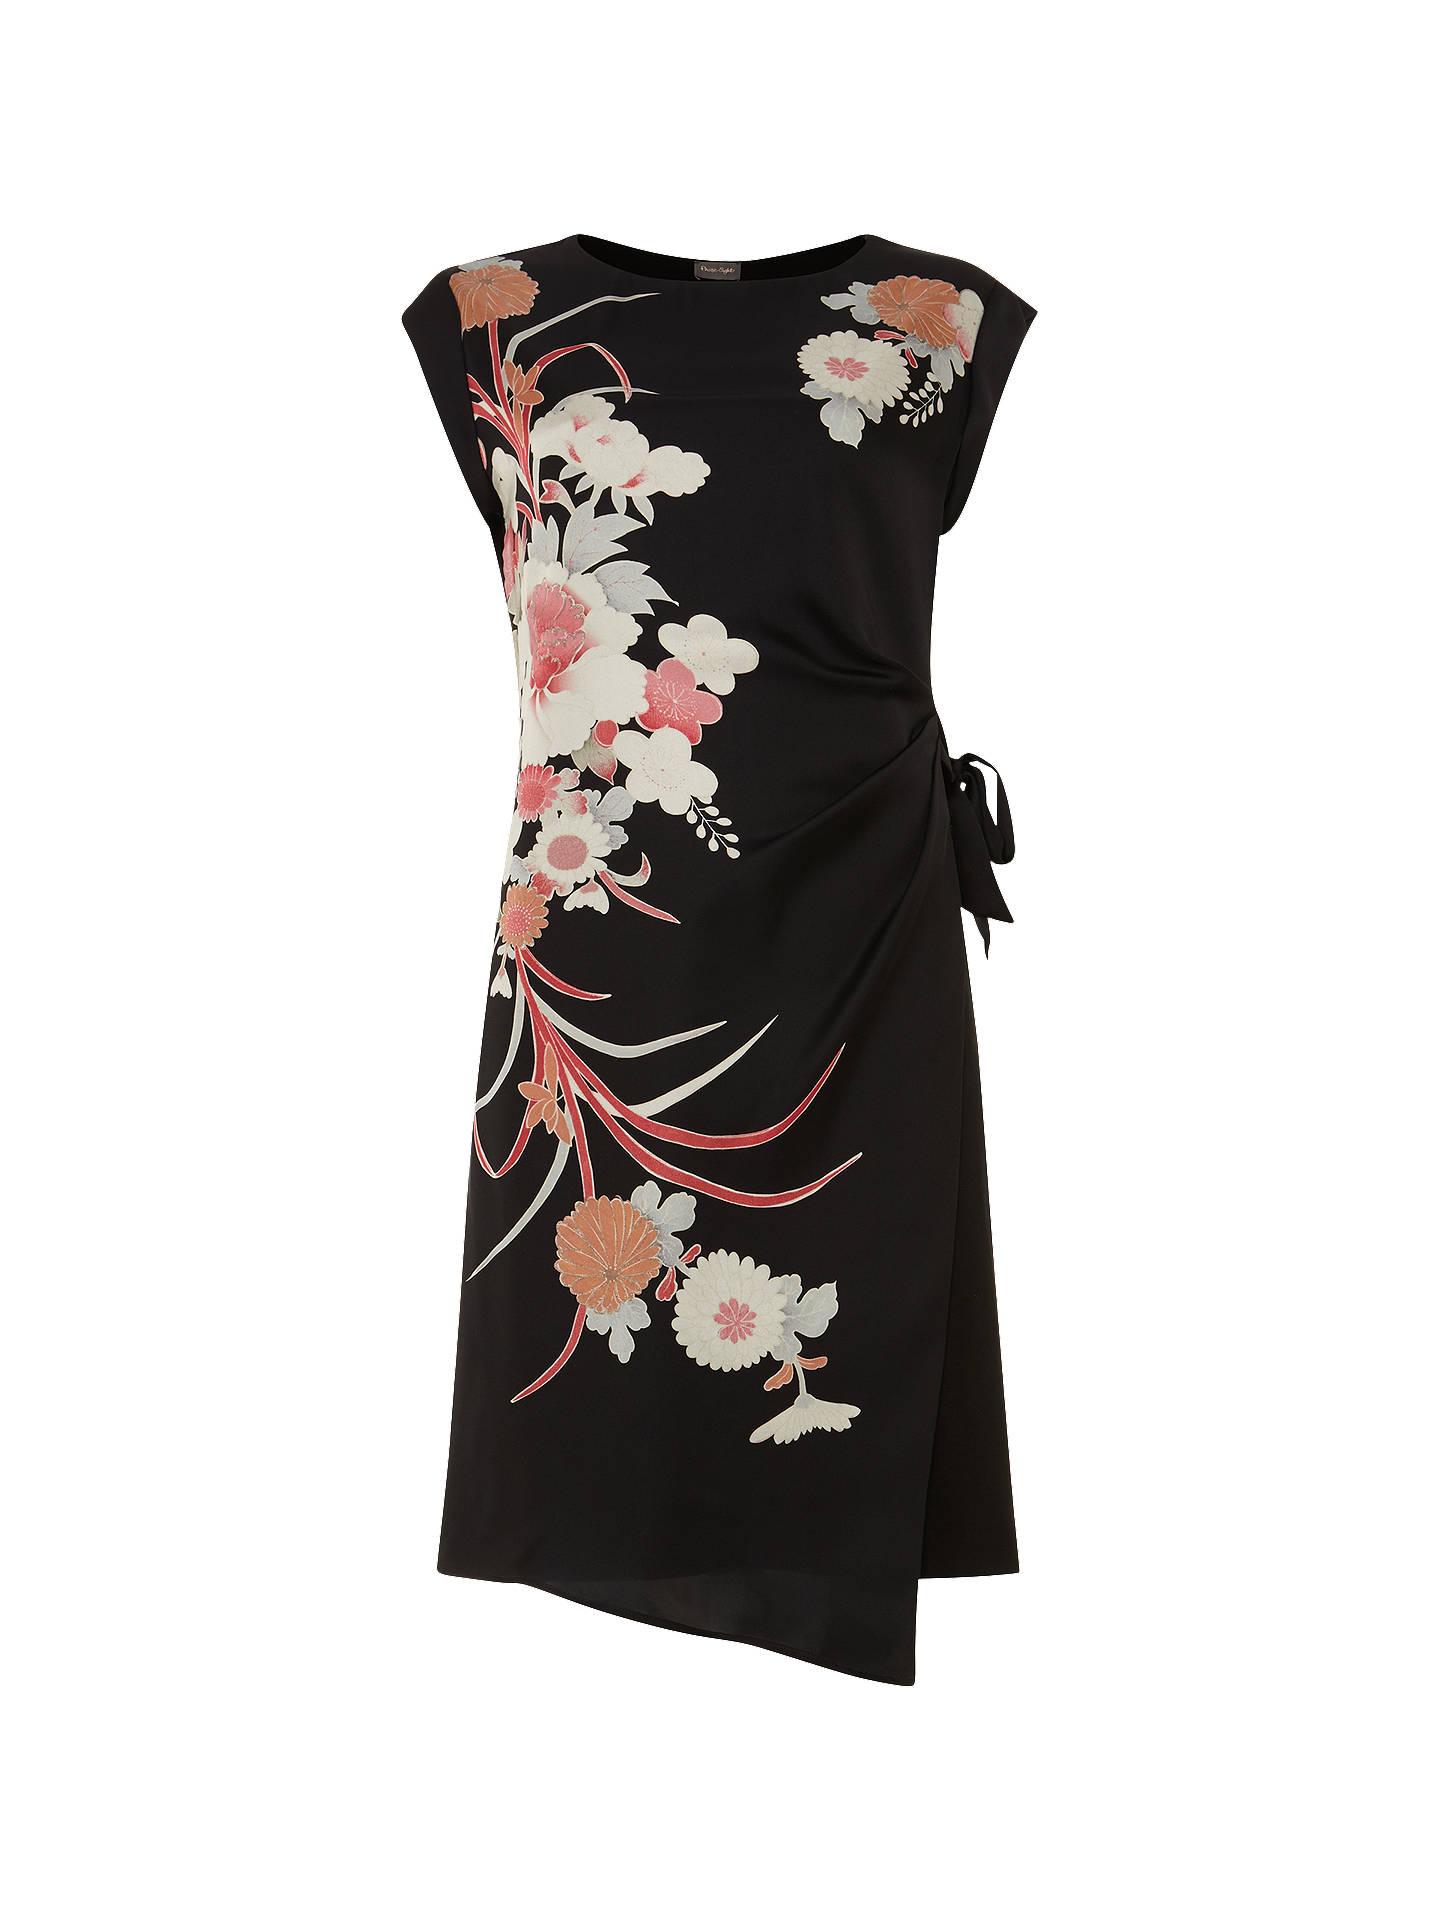 40927eef2277 Buy Phase Eight Oriental Print Dress, Black, 8 Online at johnlewis.com ...